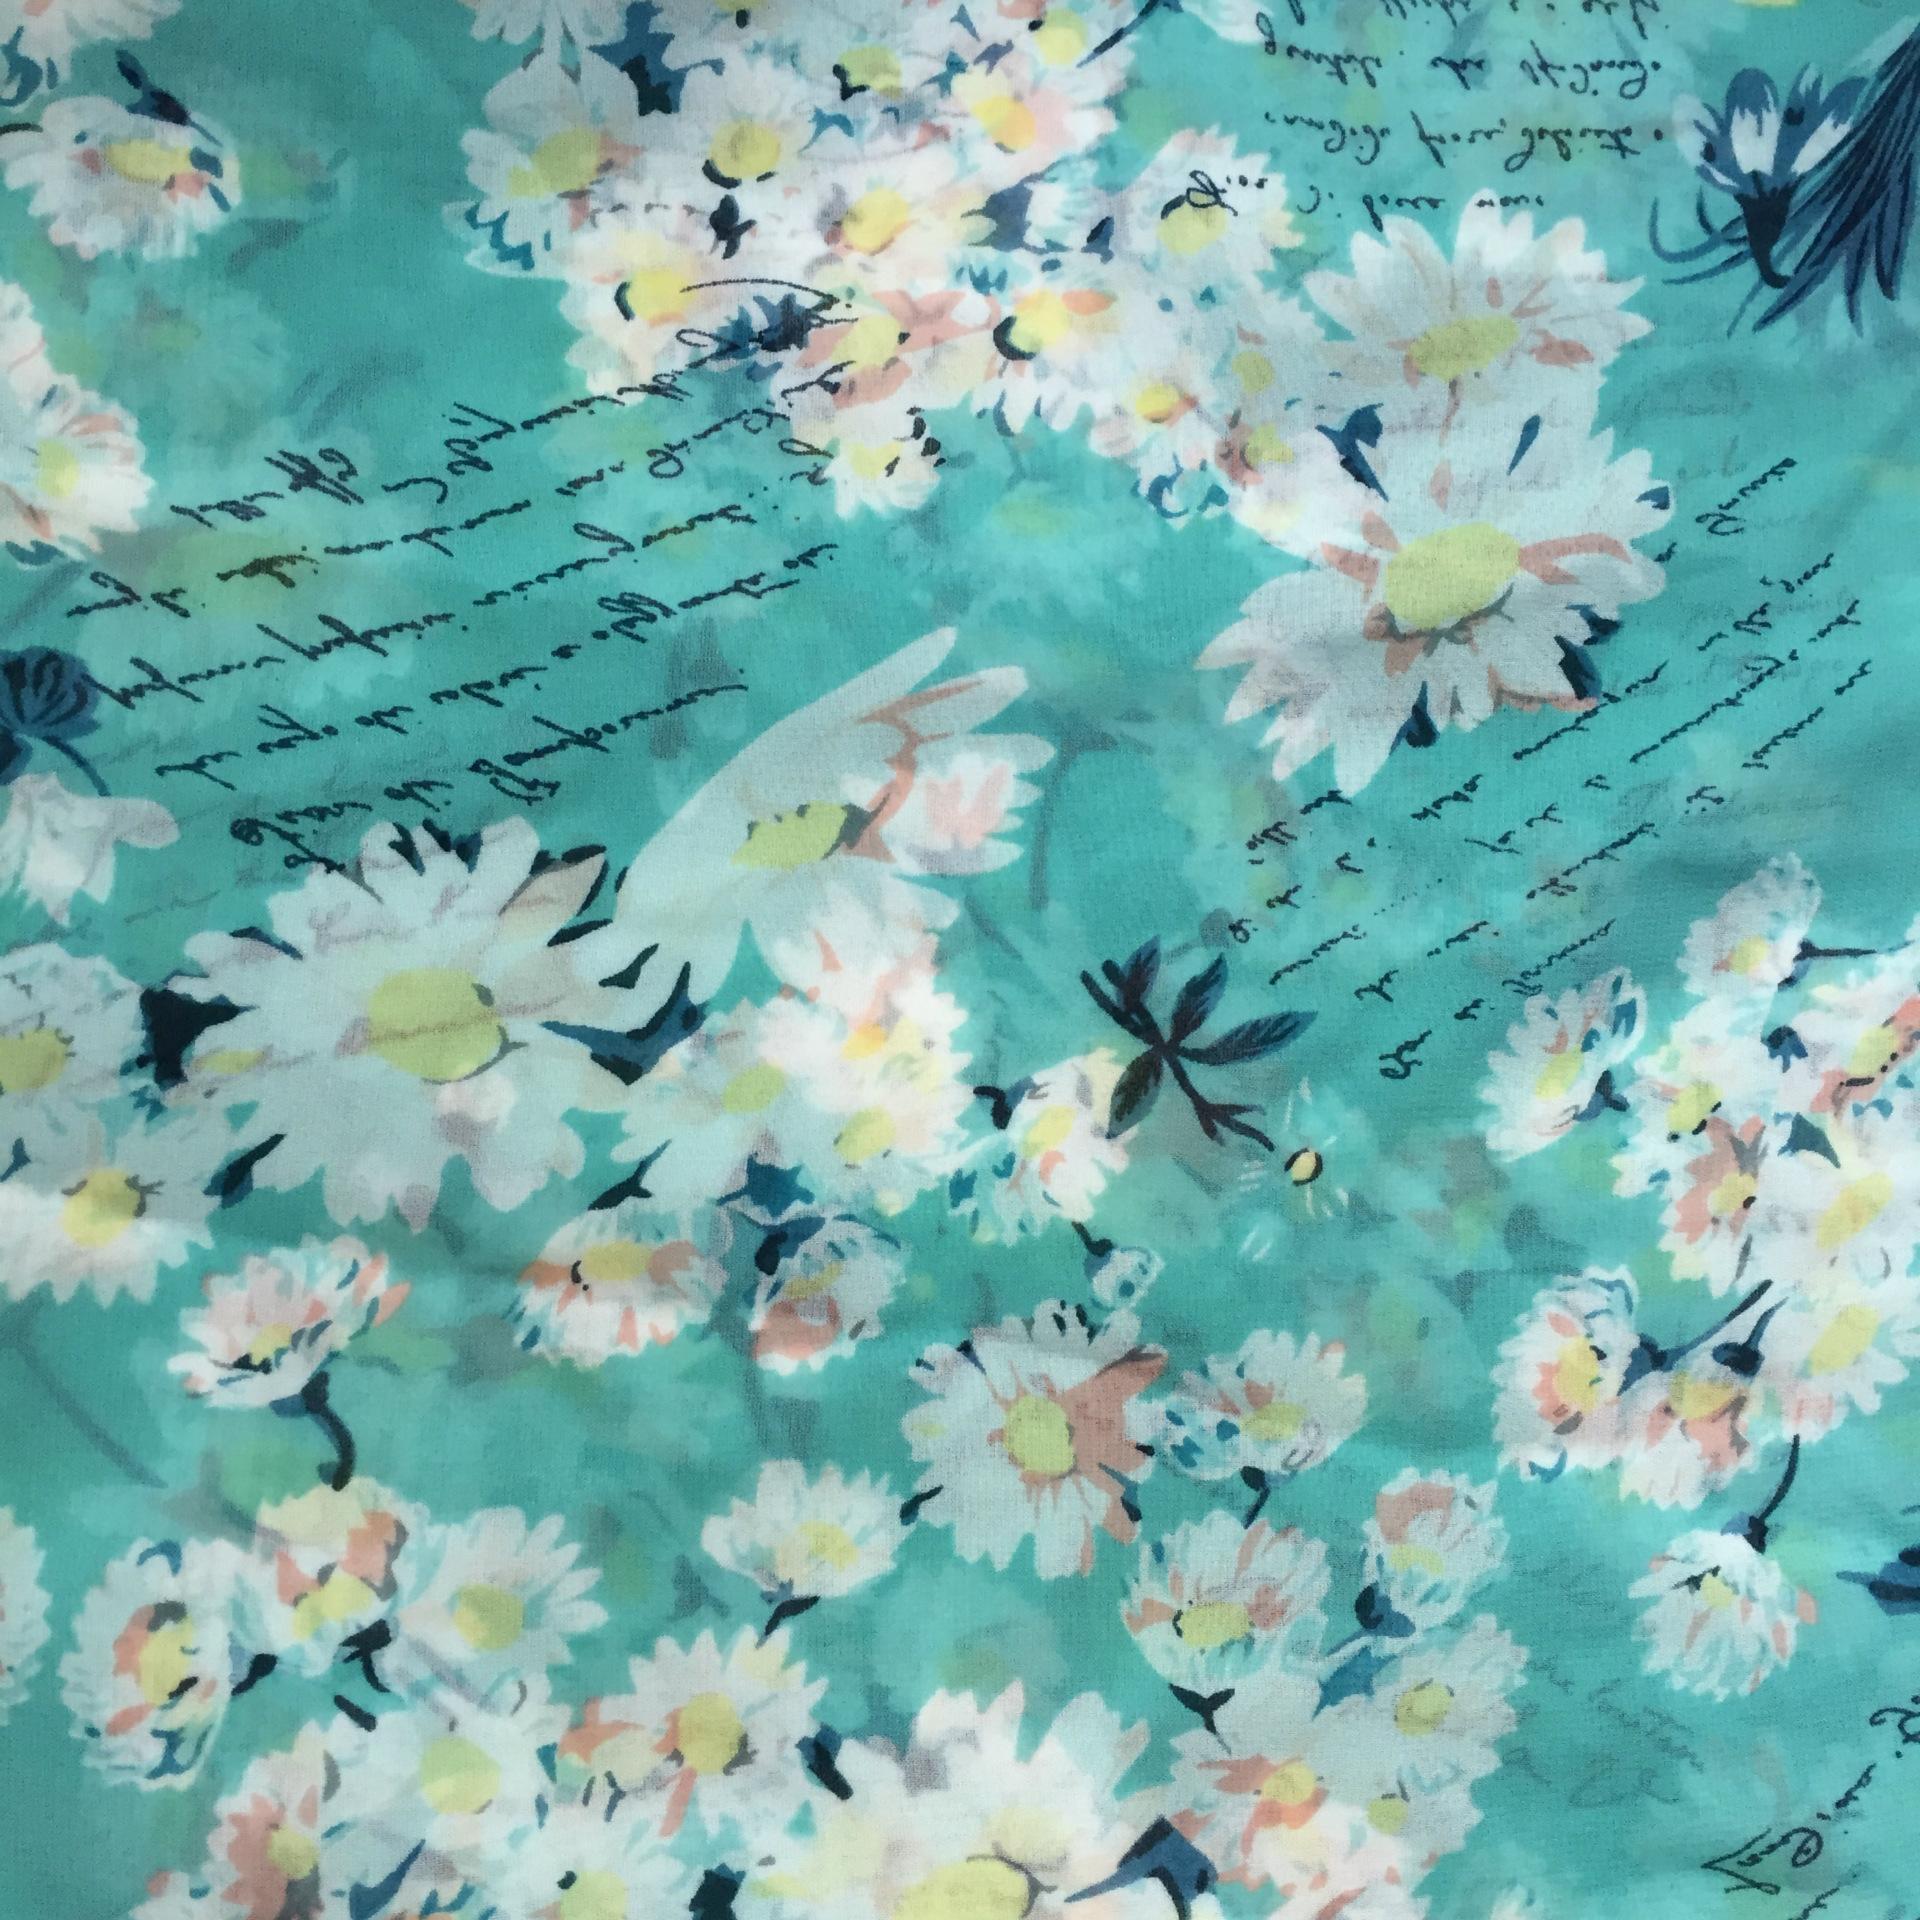 绒雪纺碎花系列――太阳花+英文 蓝绿为主色调,轻柔舒滑